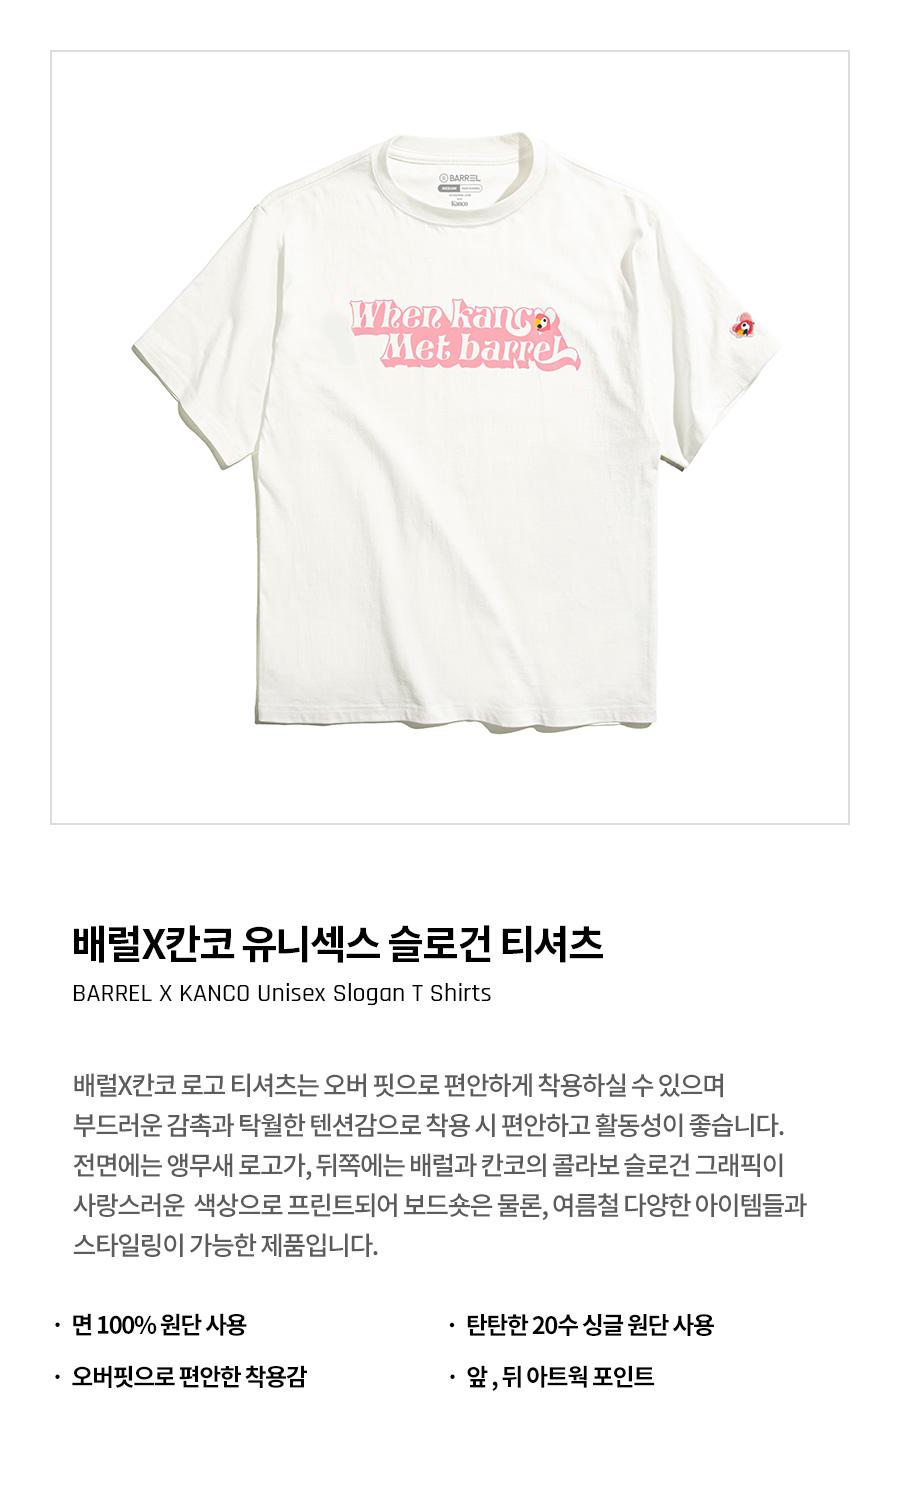 배럴(BARREL) 배럴X칸코 유니섹스 슬로건 티셔츠 아이보리 (BG2WSSV02IVR)